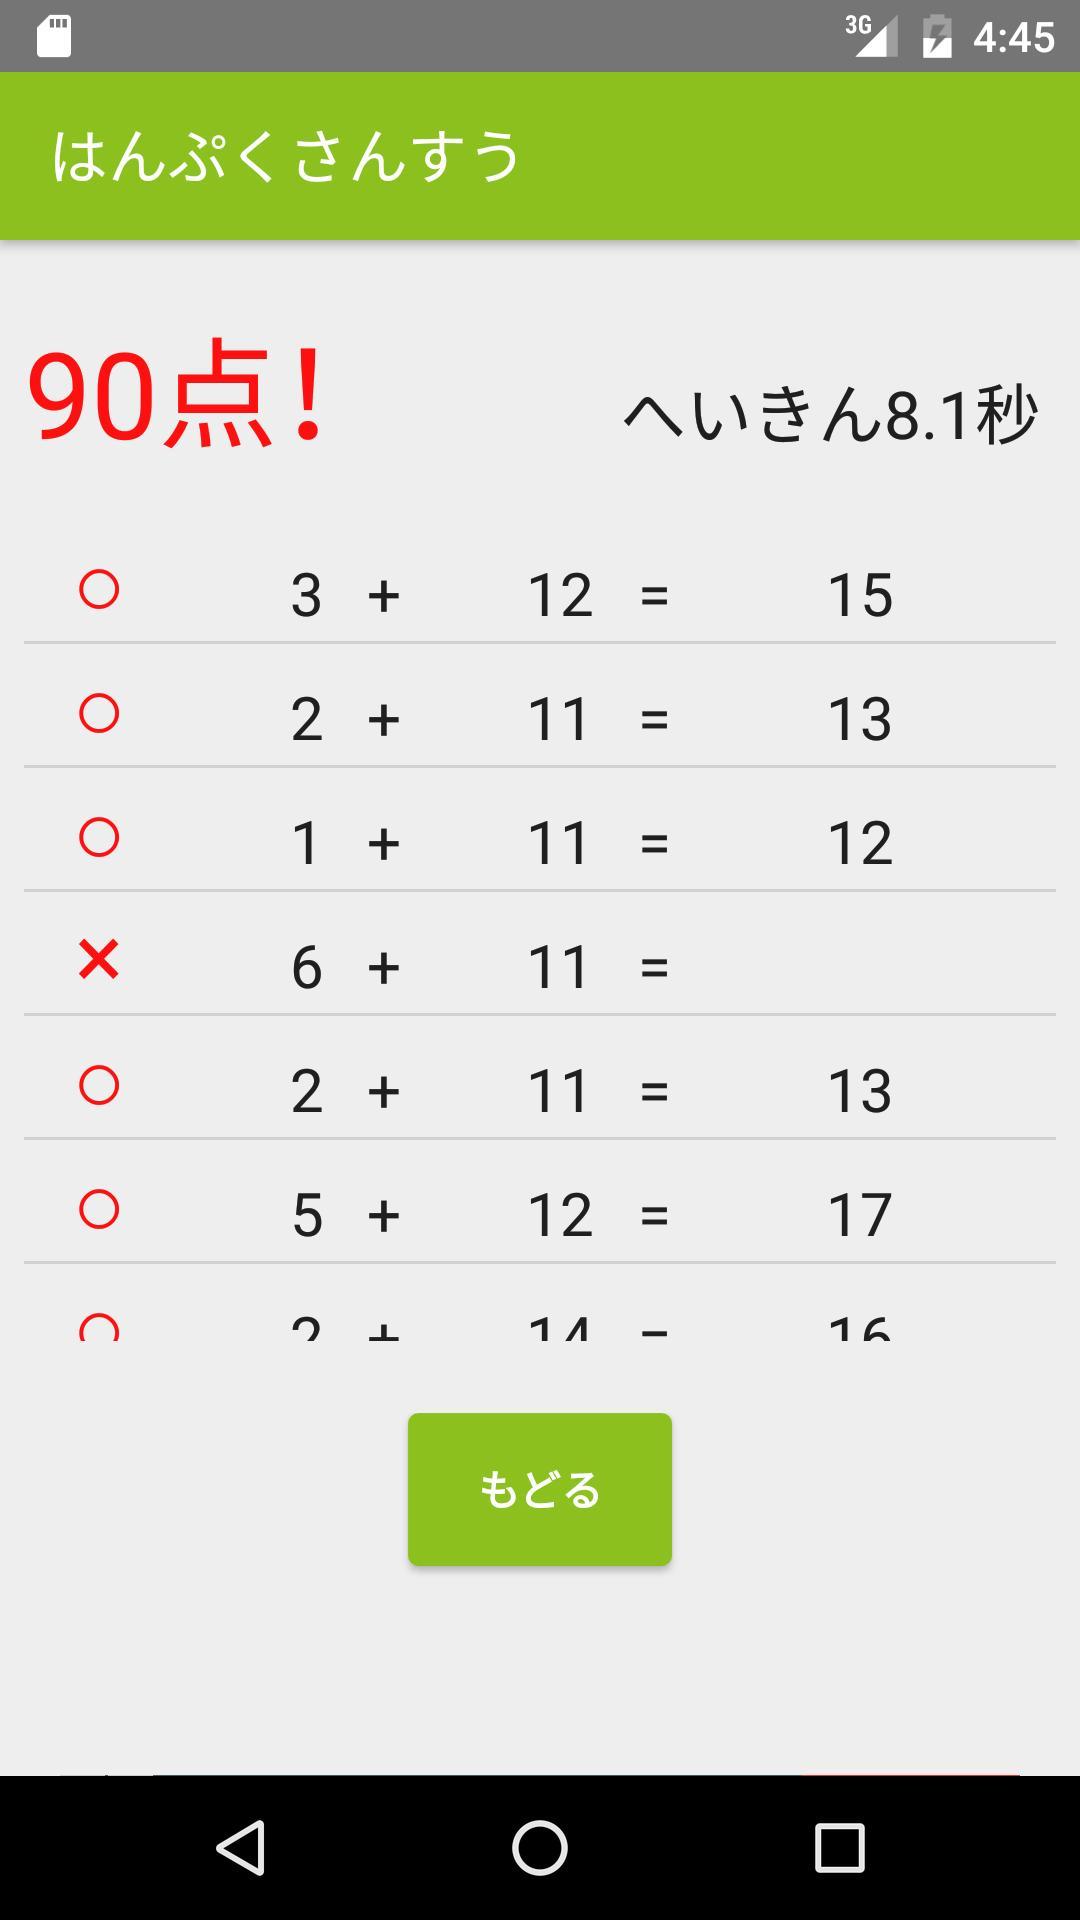 ライトシリーズはんぷく算数足し算引き算九九ひっ算